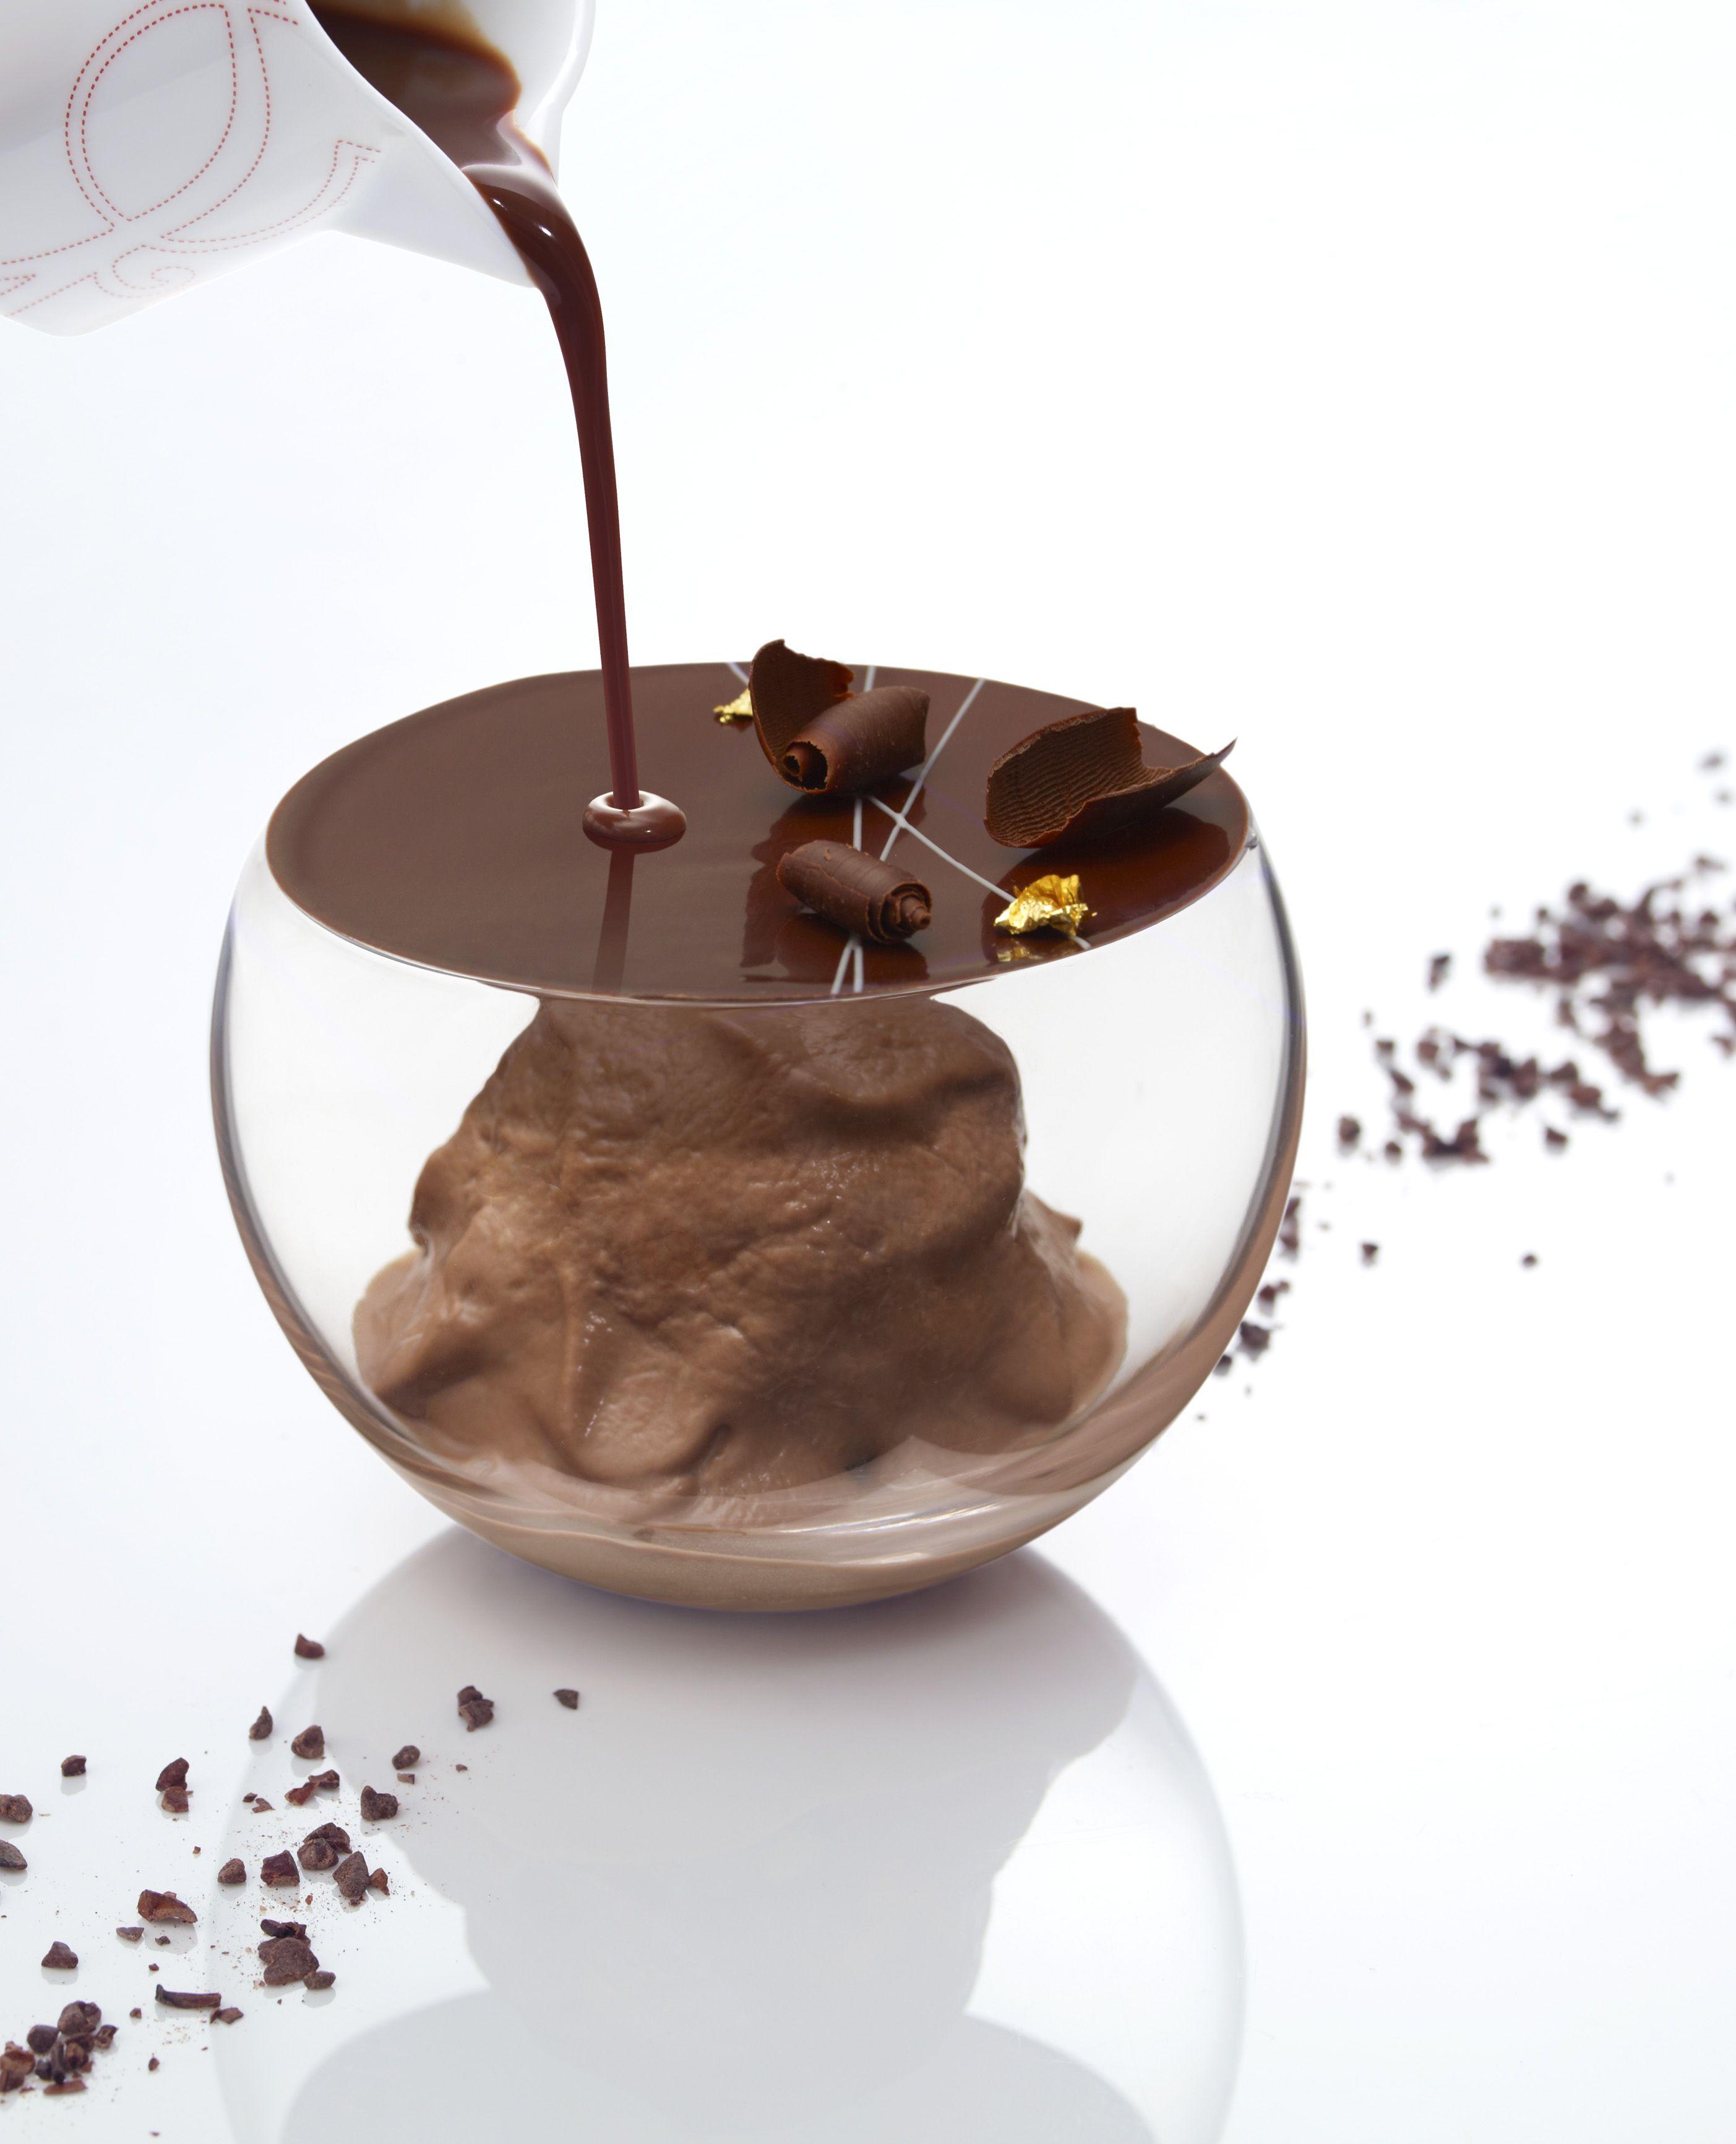 отзывам украшения из жидкого шоколада фото внутрь